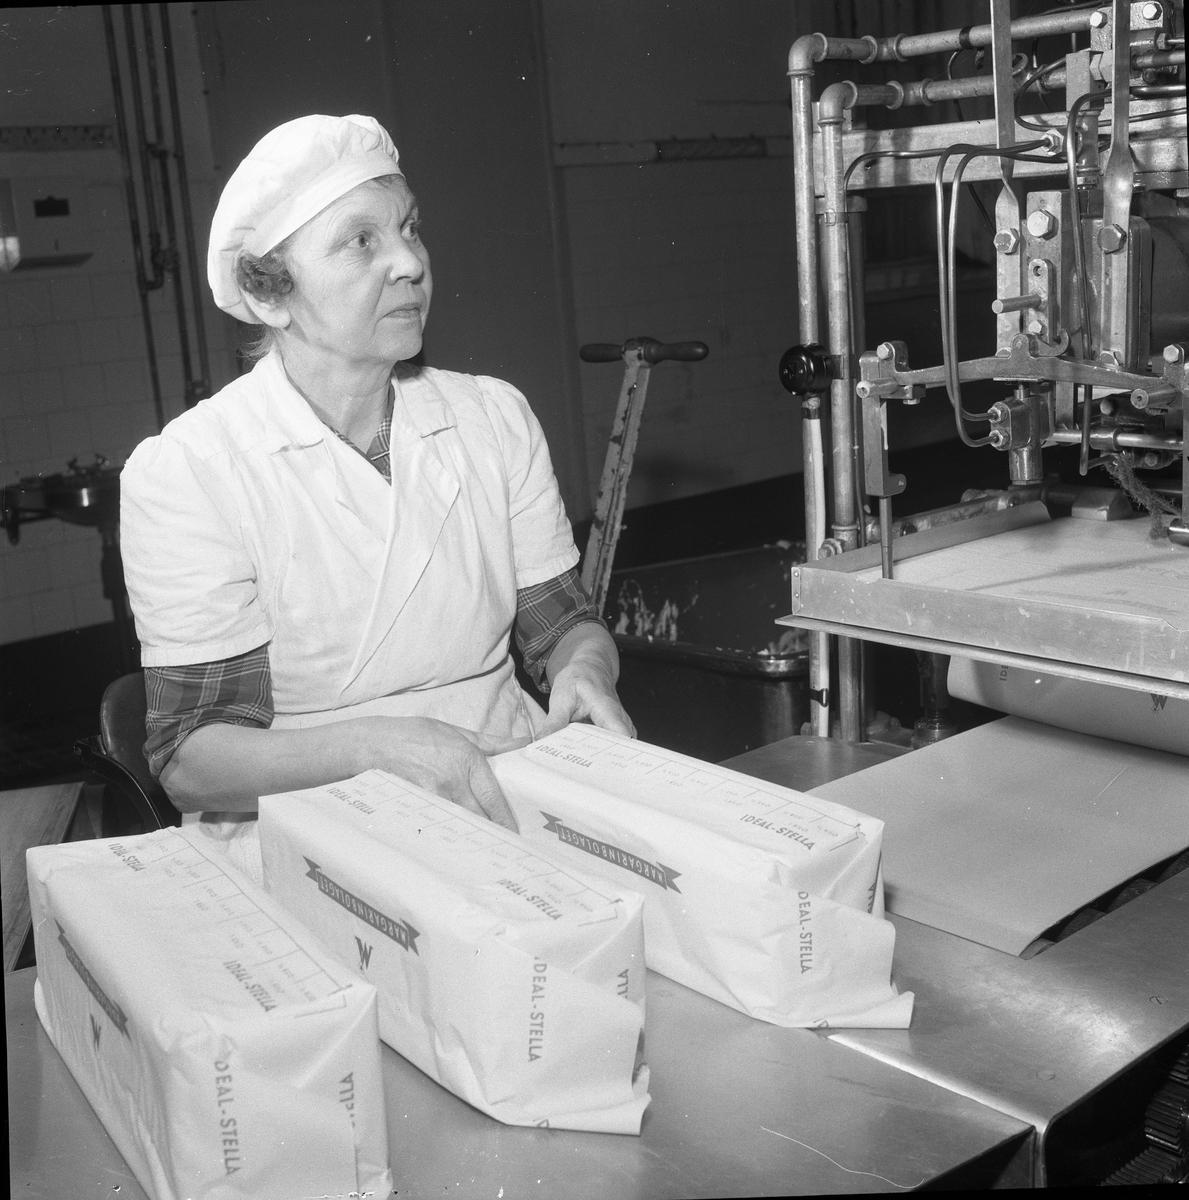 Arboga Margarinfabrik, interiör.  Edit Persson började sin anställning 1911, då var hon 14 år. Arbetet var tungt och mycket gjordes för hand. Arbetstiden varade från klockan 06.00 till 18.00. Edit arbetade i fabriken tills den lades ner, 1960. Det blev 49 år på samma arbetsplats.  Läs om Arboga Margarinfabrik i Arboga Minnes årsbok 1978 och Reinhold Carlssons bok Arboga objektivt sett.